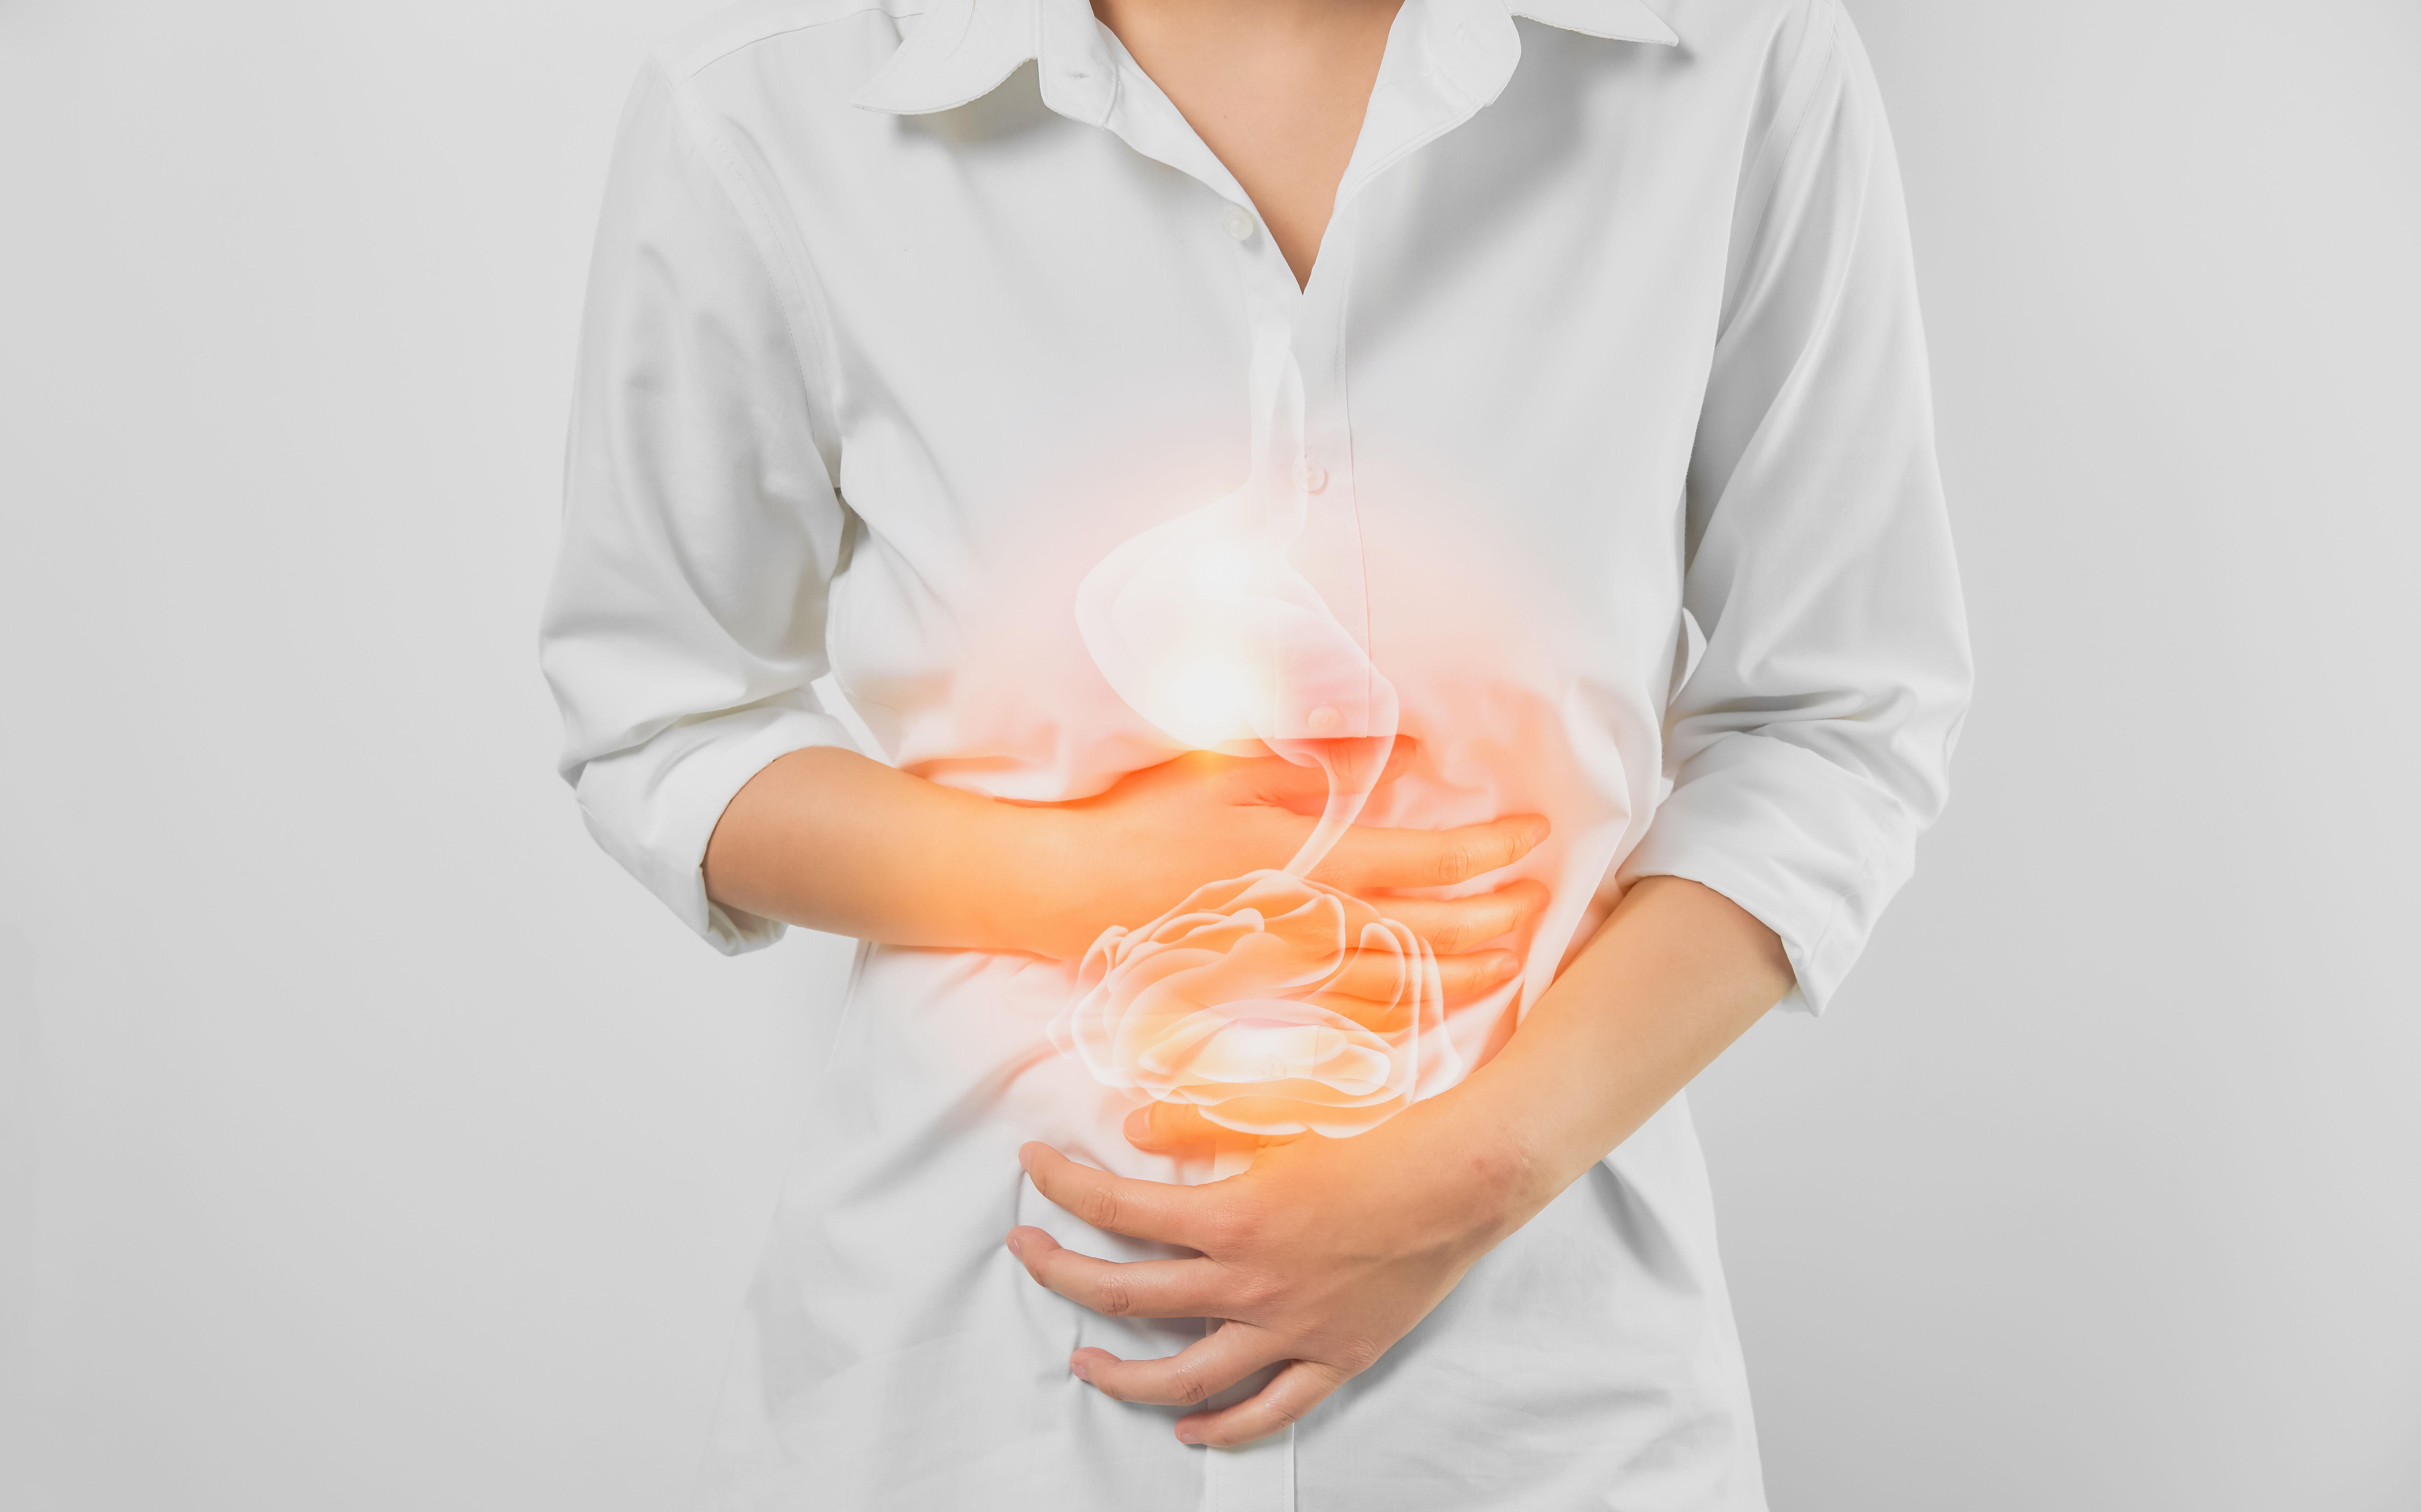 Los síntomas del colon irritable ¿Sabes cuáles son?